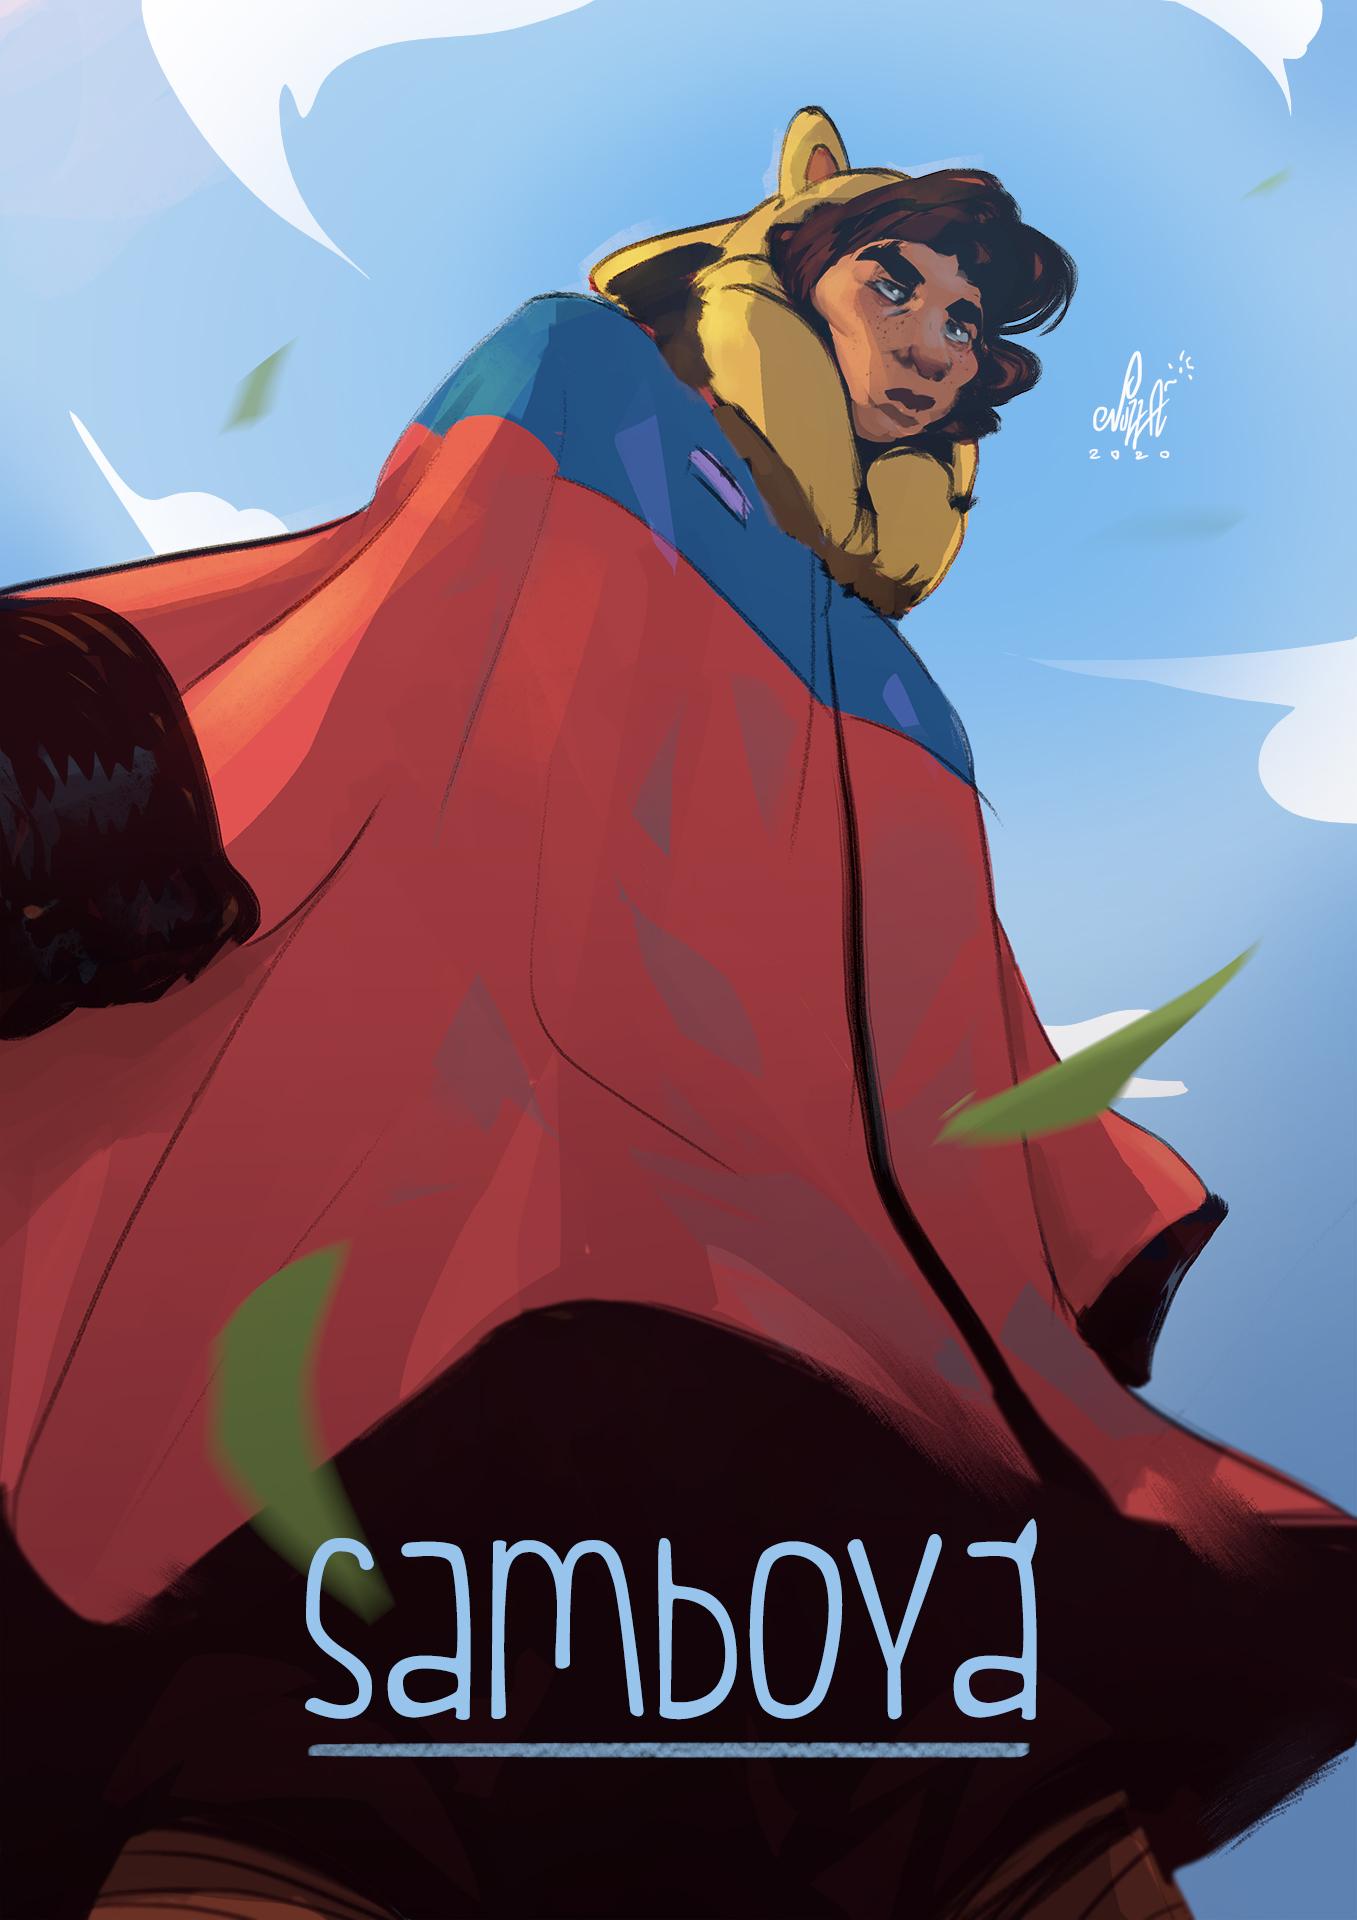 Samboya